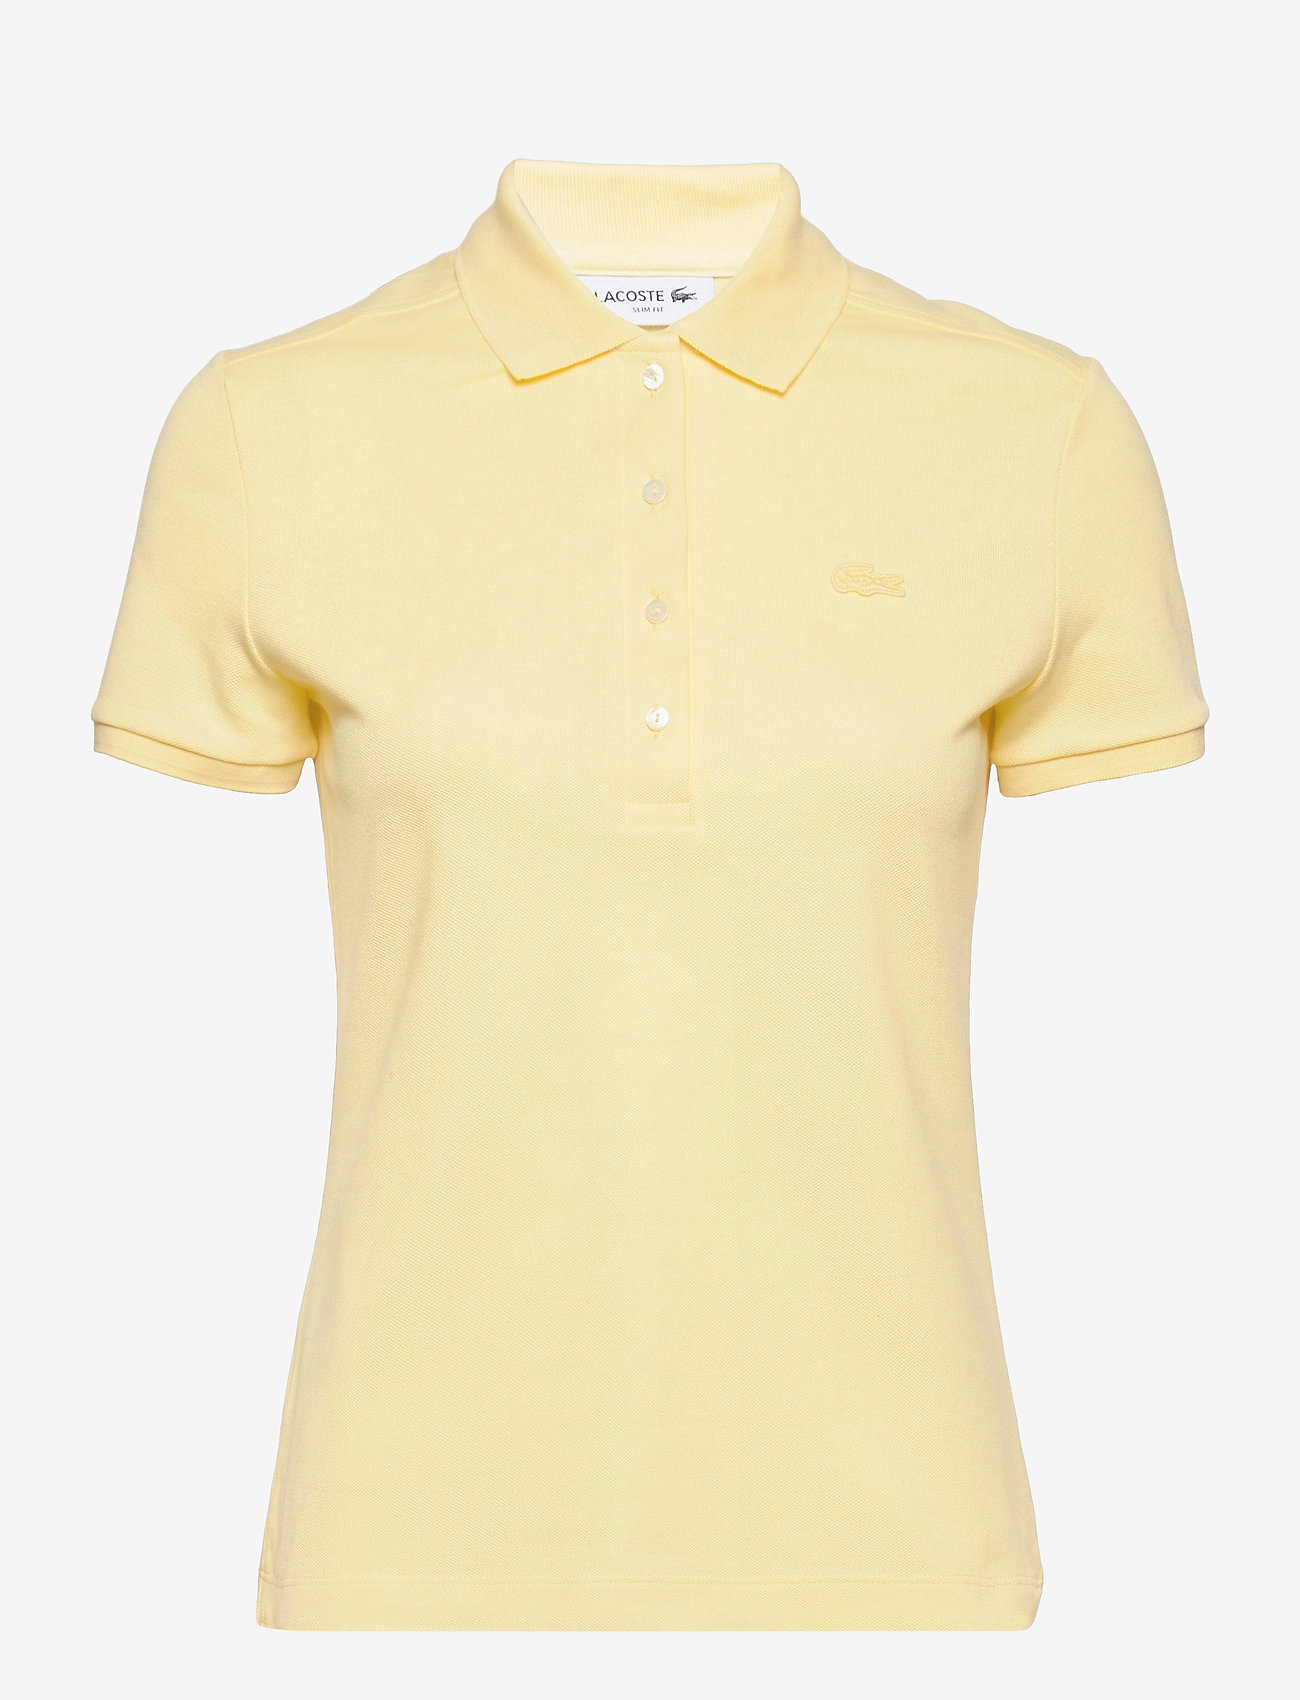 Lacoste - Women s S/S polo - polohemden - zabaglione - 0